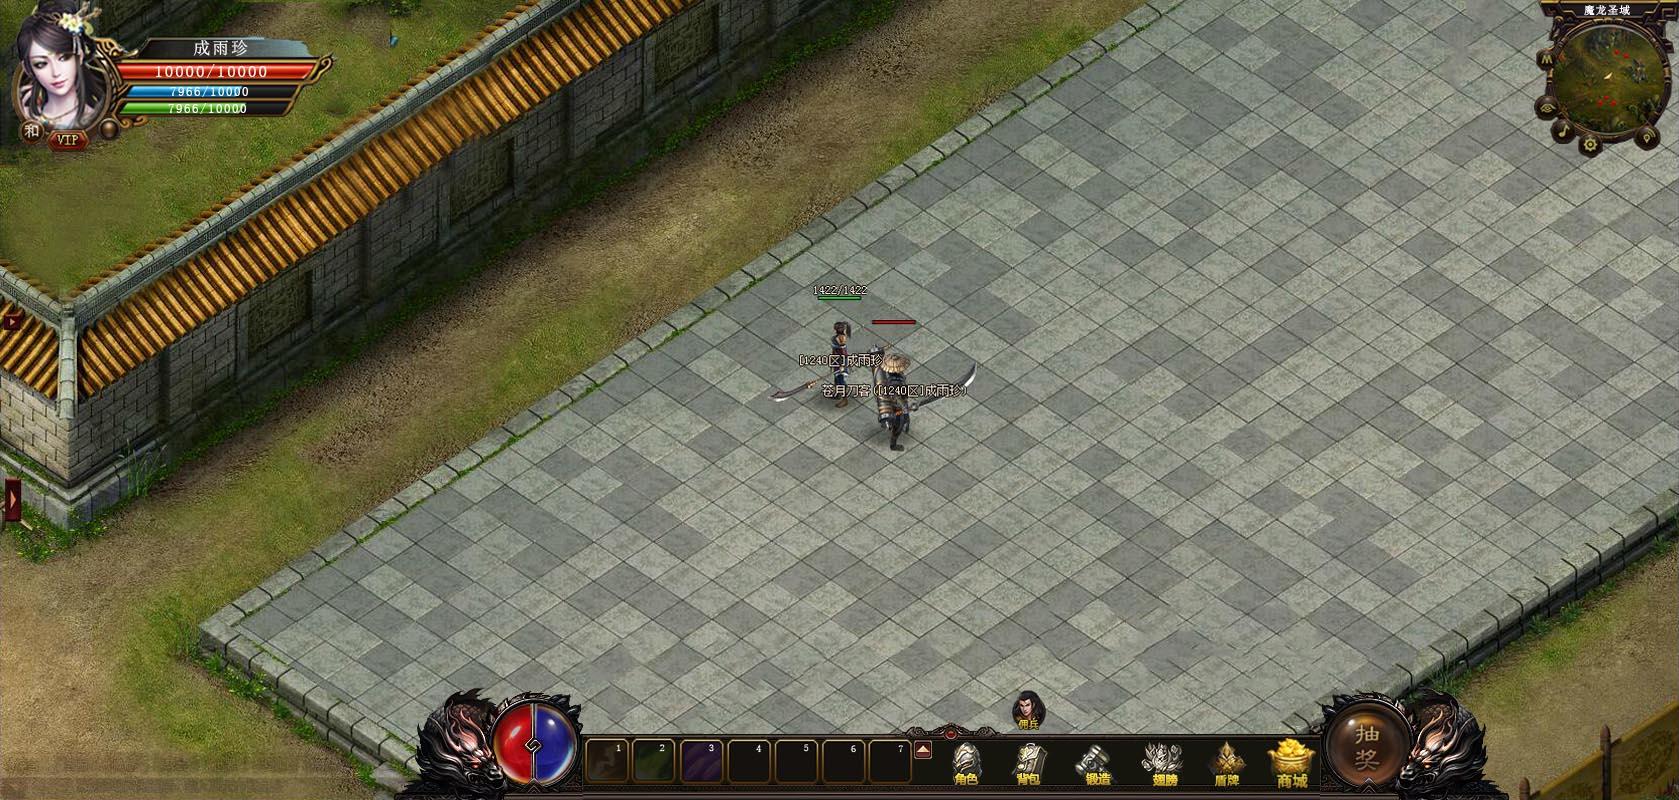 魔龙崛起OL游戏截图1